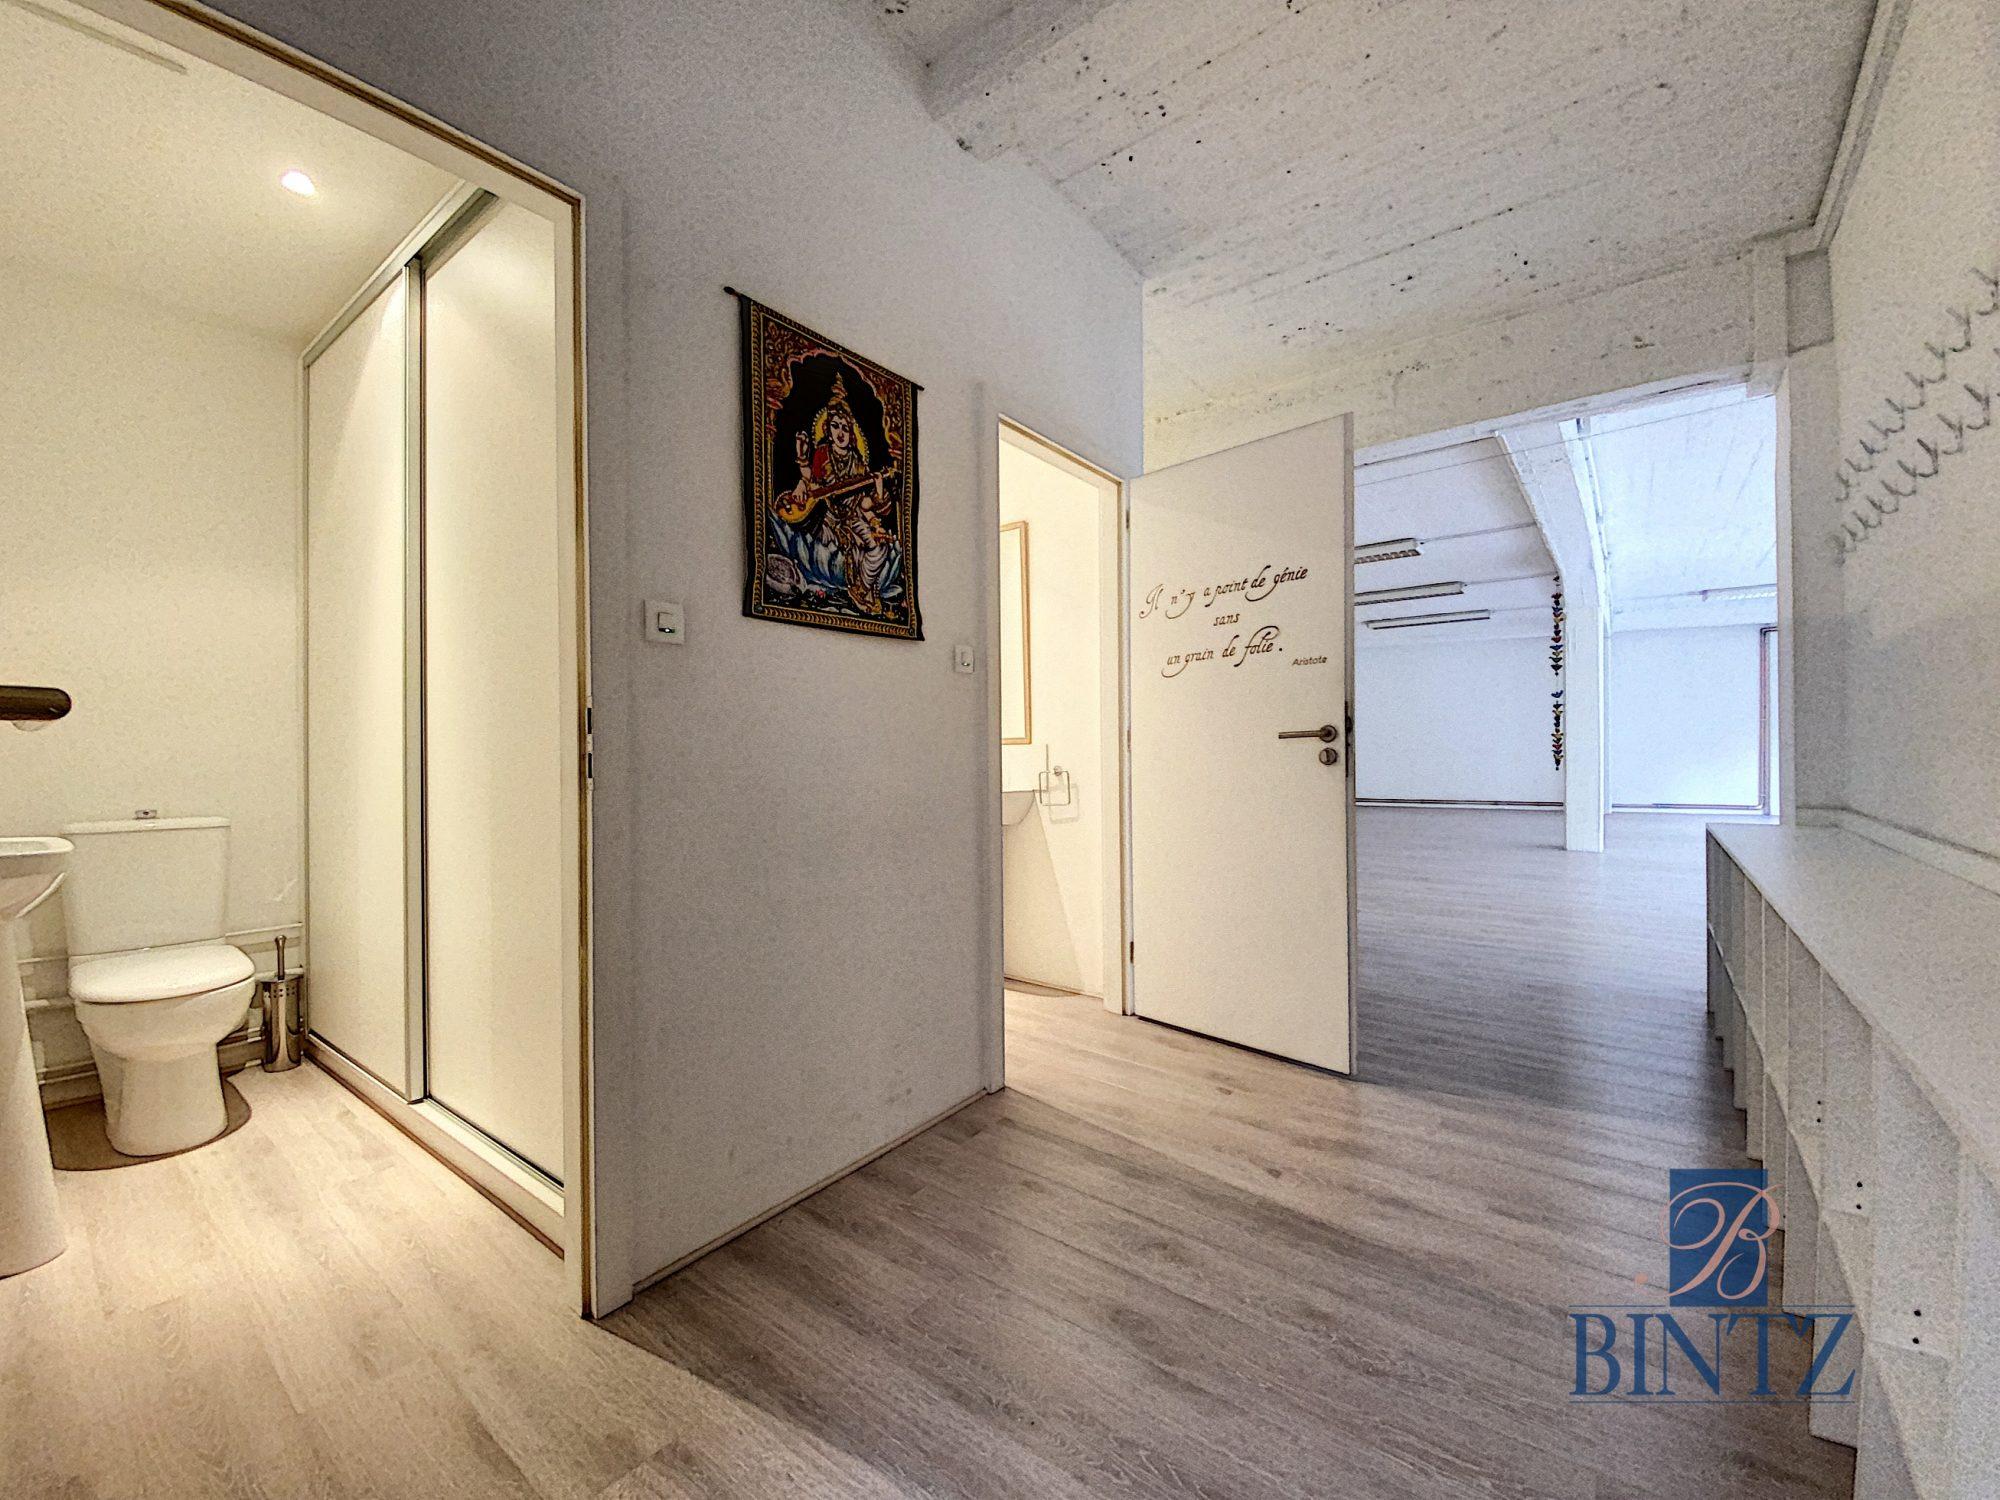 Plateau commercial à Louer Centre-ville - Devenez locataire en toute sérénité - Bintz Immobilier - 13